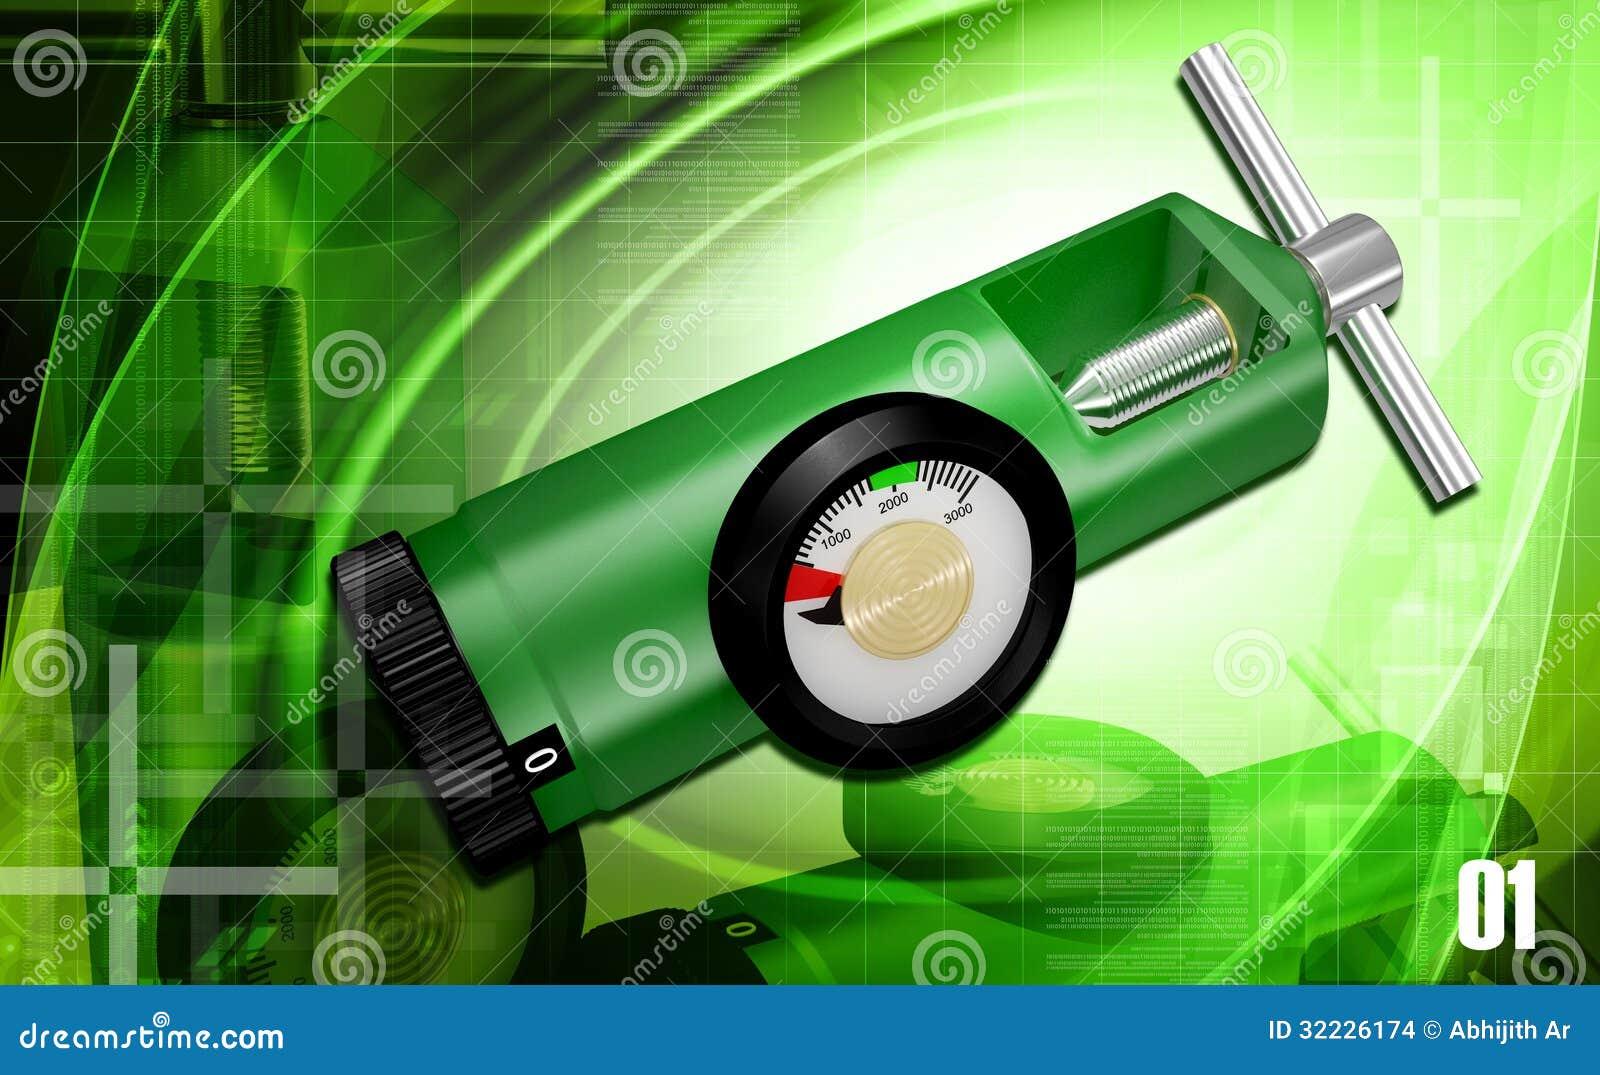 Download Regulador do oxigênio ilustração stock. Ilustração de pesquisa - 32226174